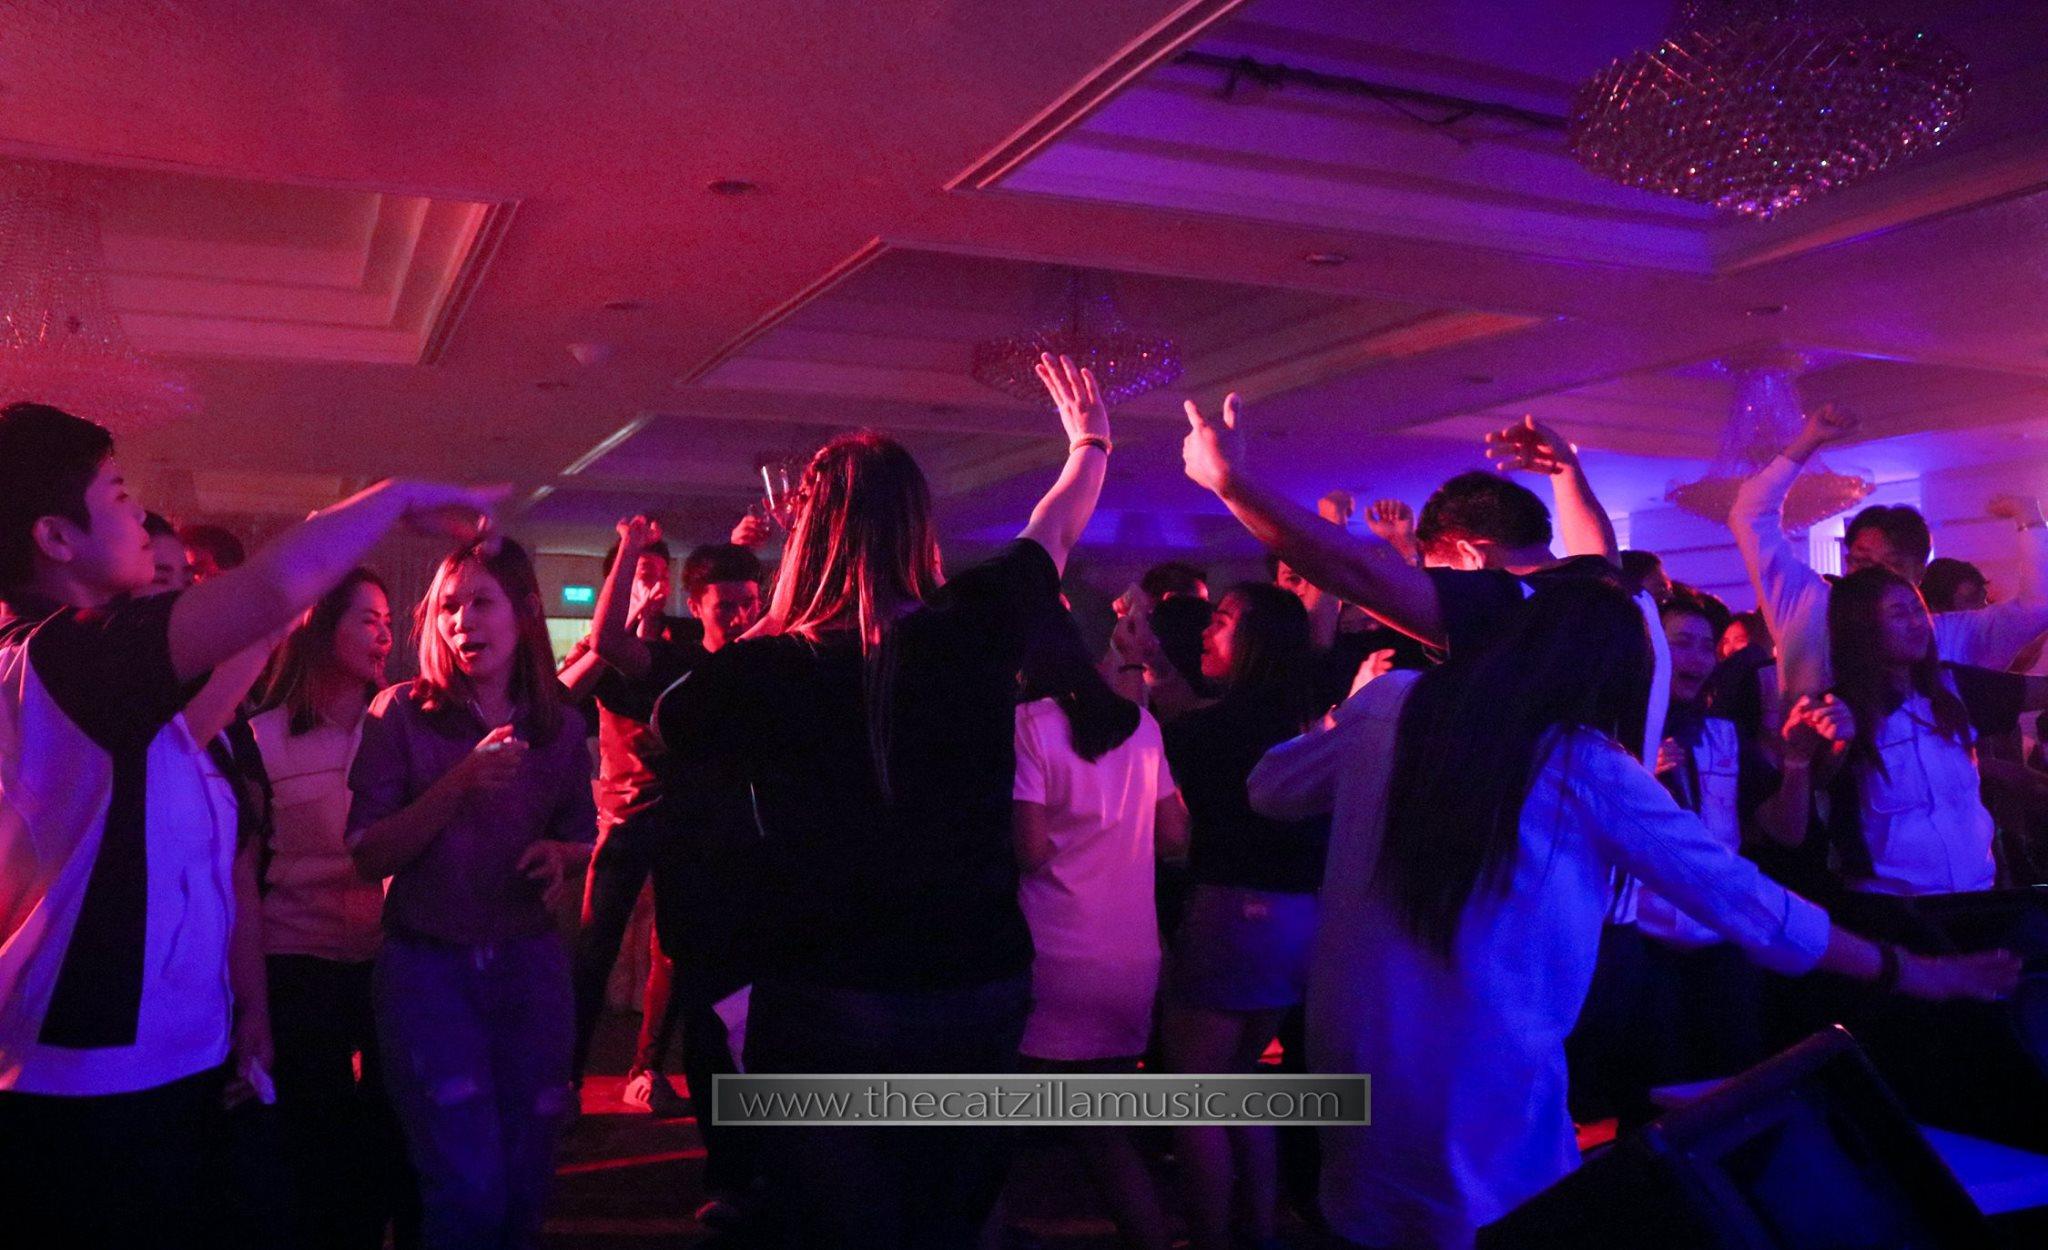 วงดนตรีงานเลี้ยง After Party งานแต่งงาน บุ๋นแบนด์ วงดนตรีสด After party wedding วงดนตรีงานแต่งงาน thecatzillamusic Avana 9